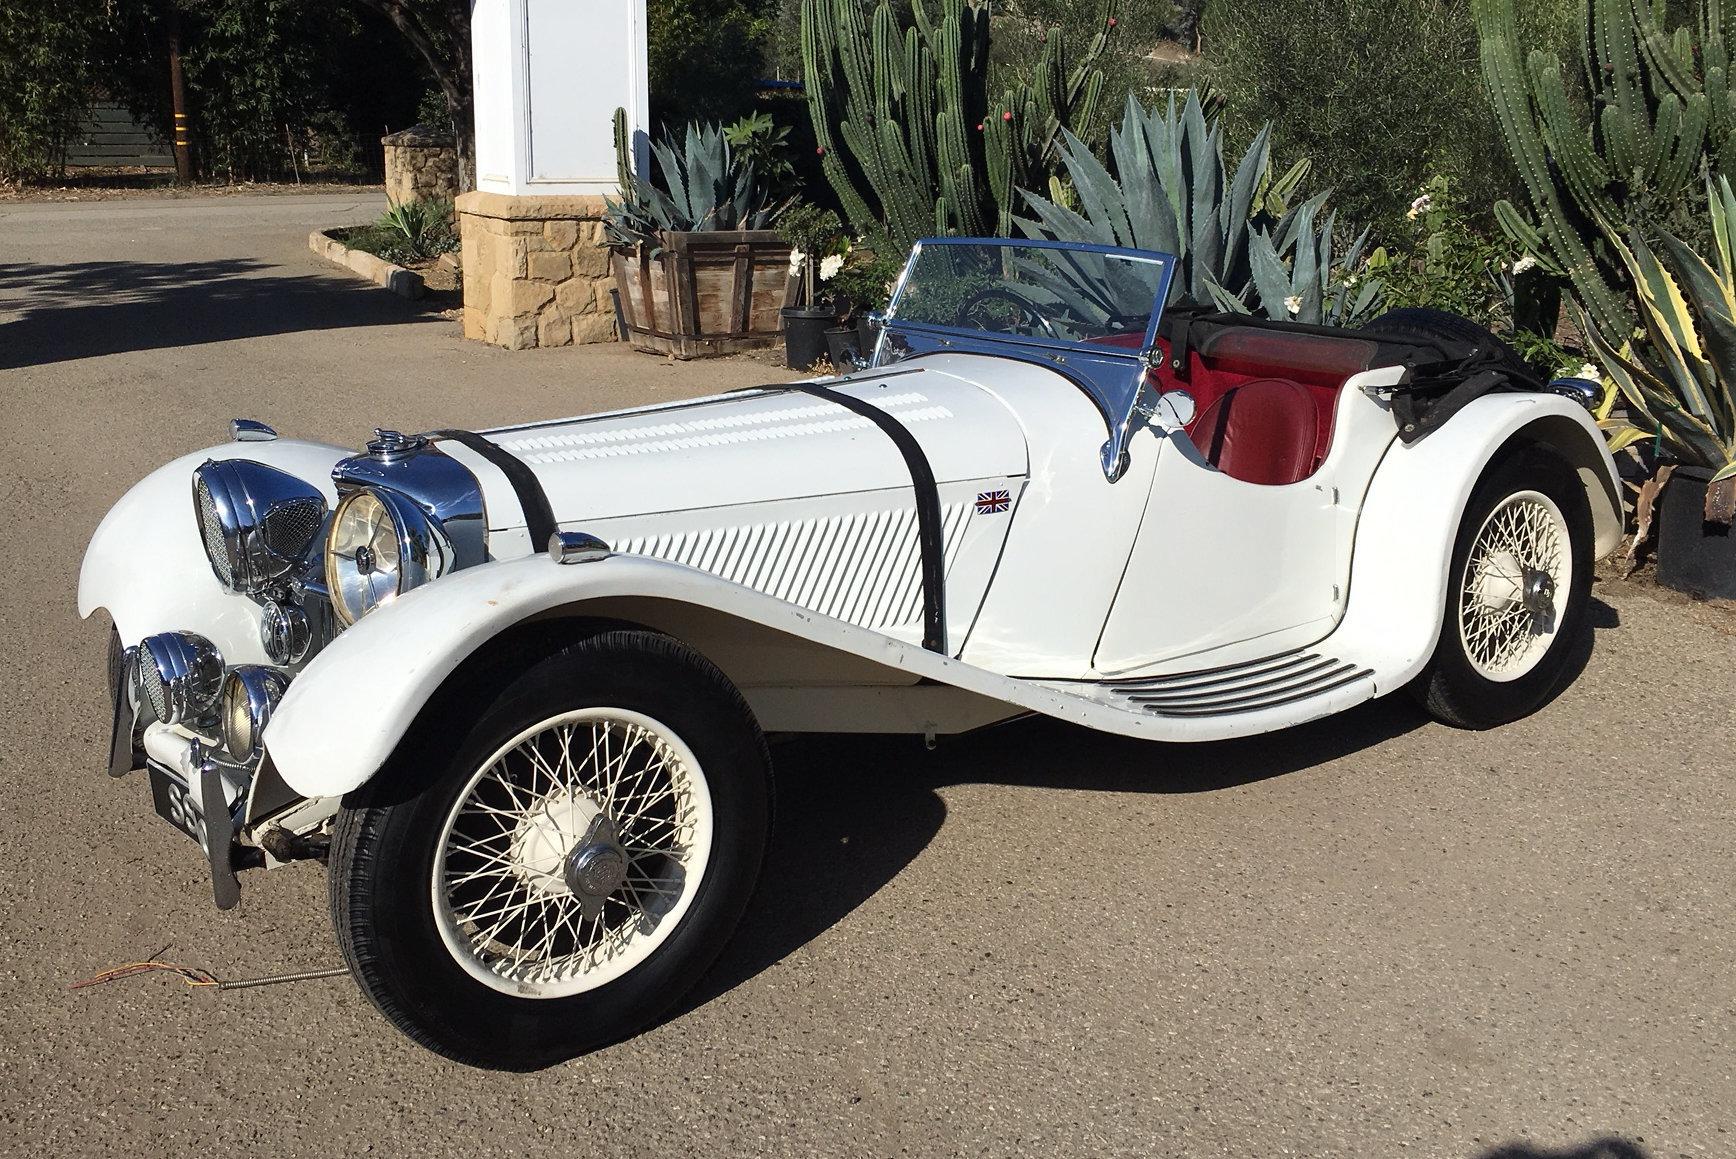 4619b26fb8b6 hd 1937 jaguar ss100